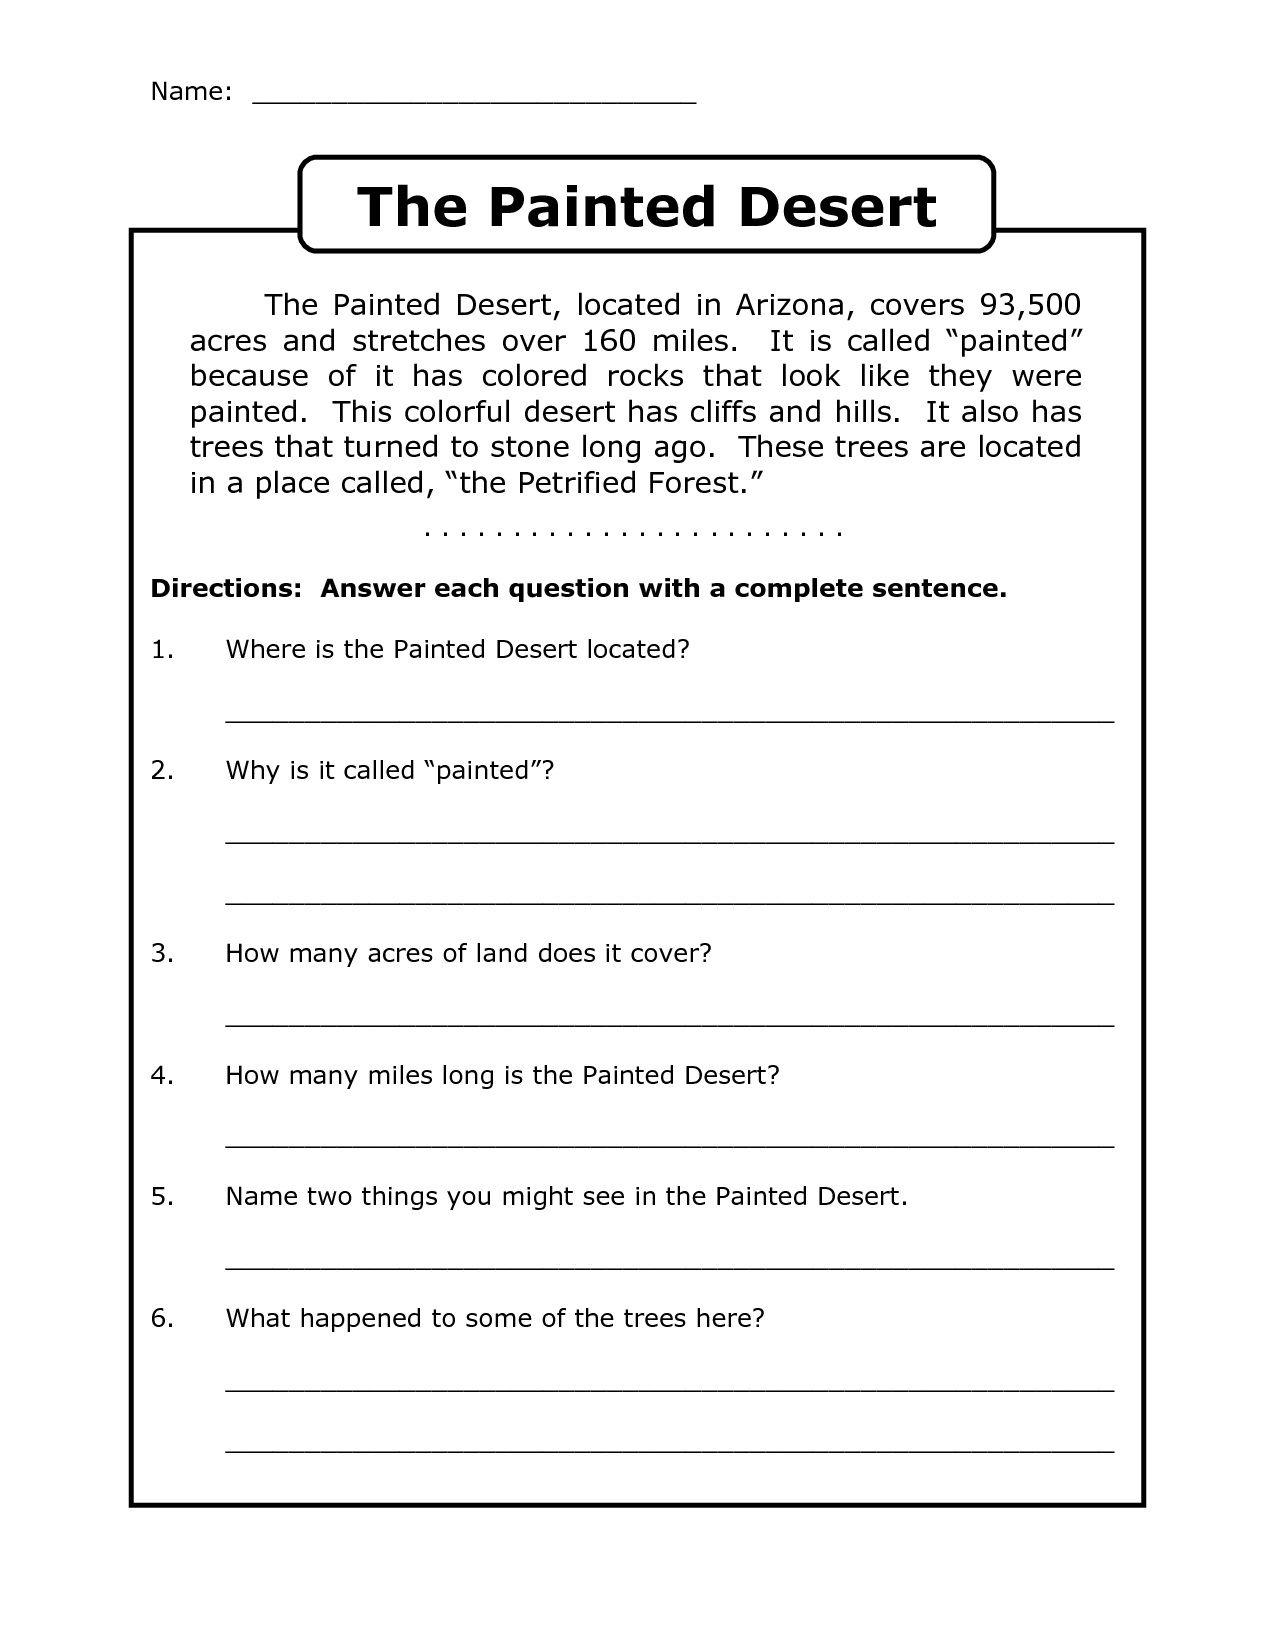 4th Grade Reading Comprehension Worksheets Best Coloring Pages For Kids 4th Grade Reading Worksheets Reading Worksheets Comprehension Worksheets